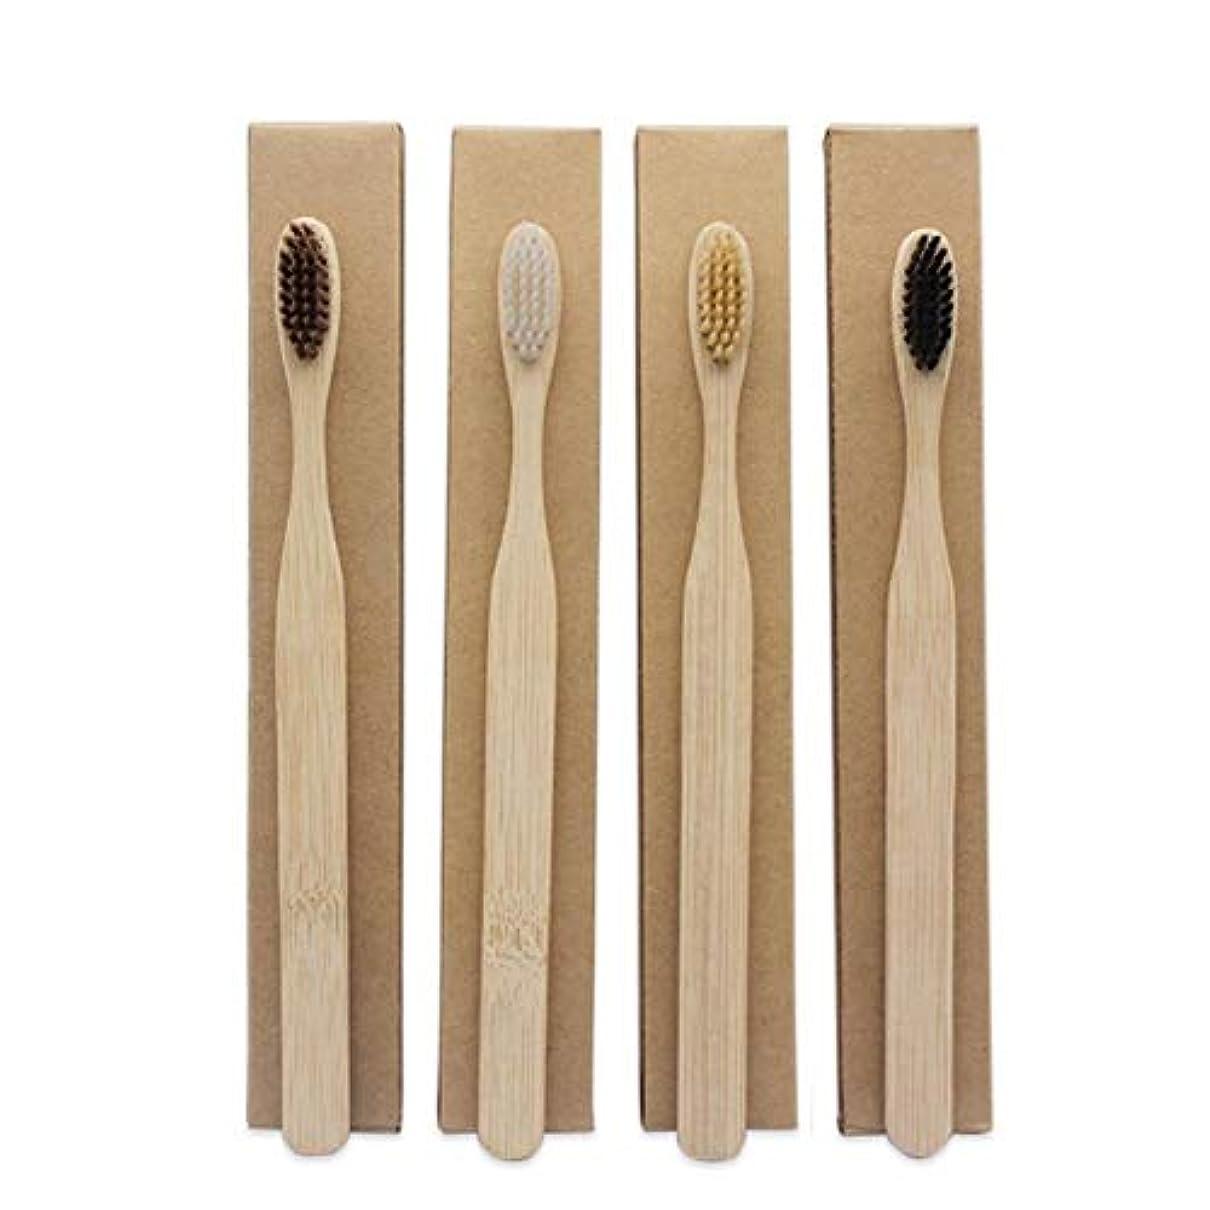 タップソース羽1st market プレミアム品質竹歯ブラシオーラルケアエコソフトパック4個